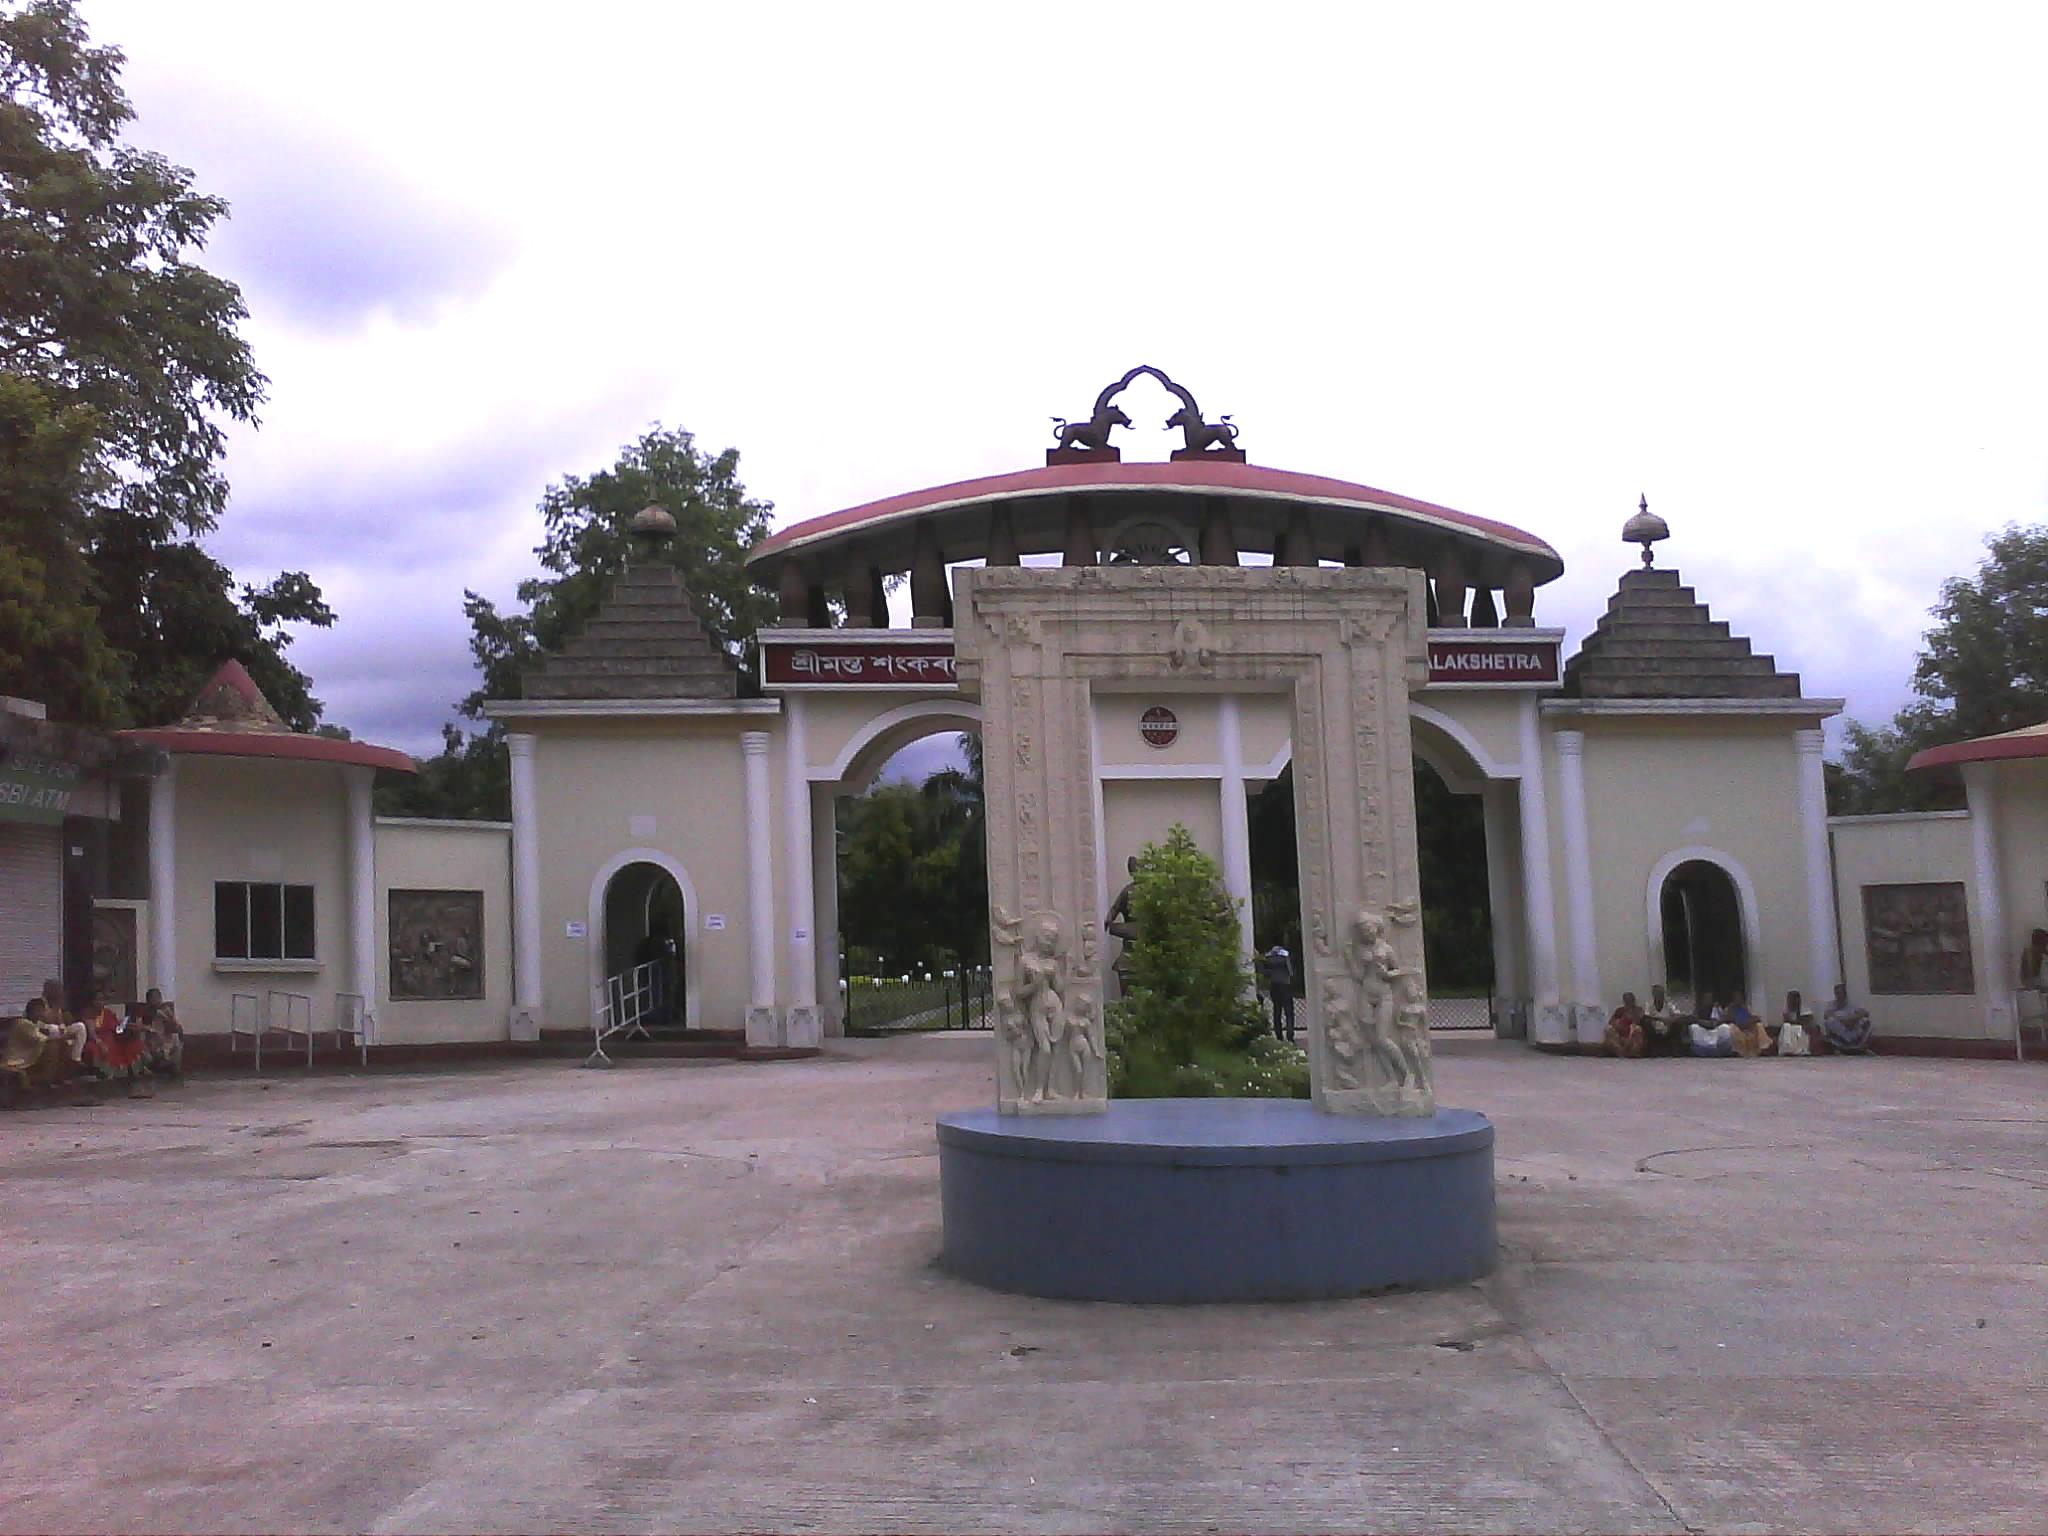 Shankardev Kalashetra